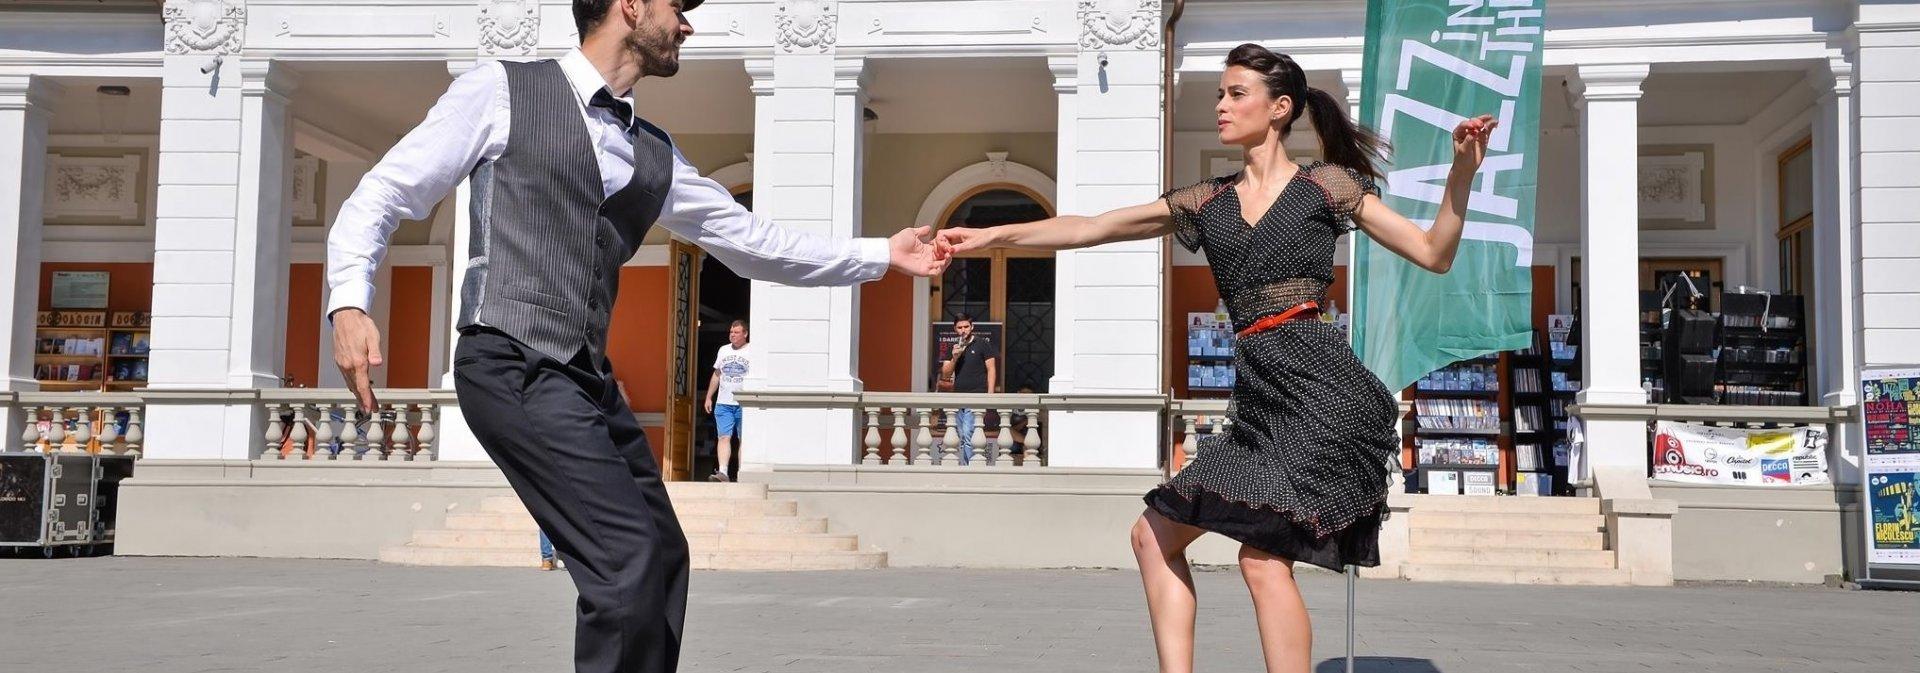 Napoca Westies Dance School, Cluj-Napoca, Cluj